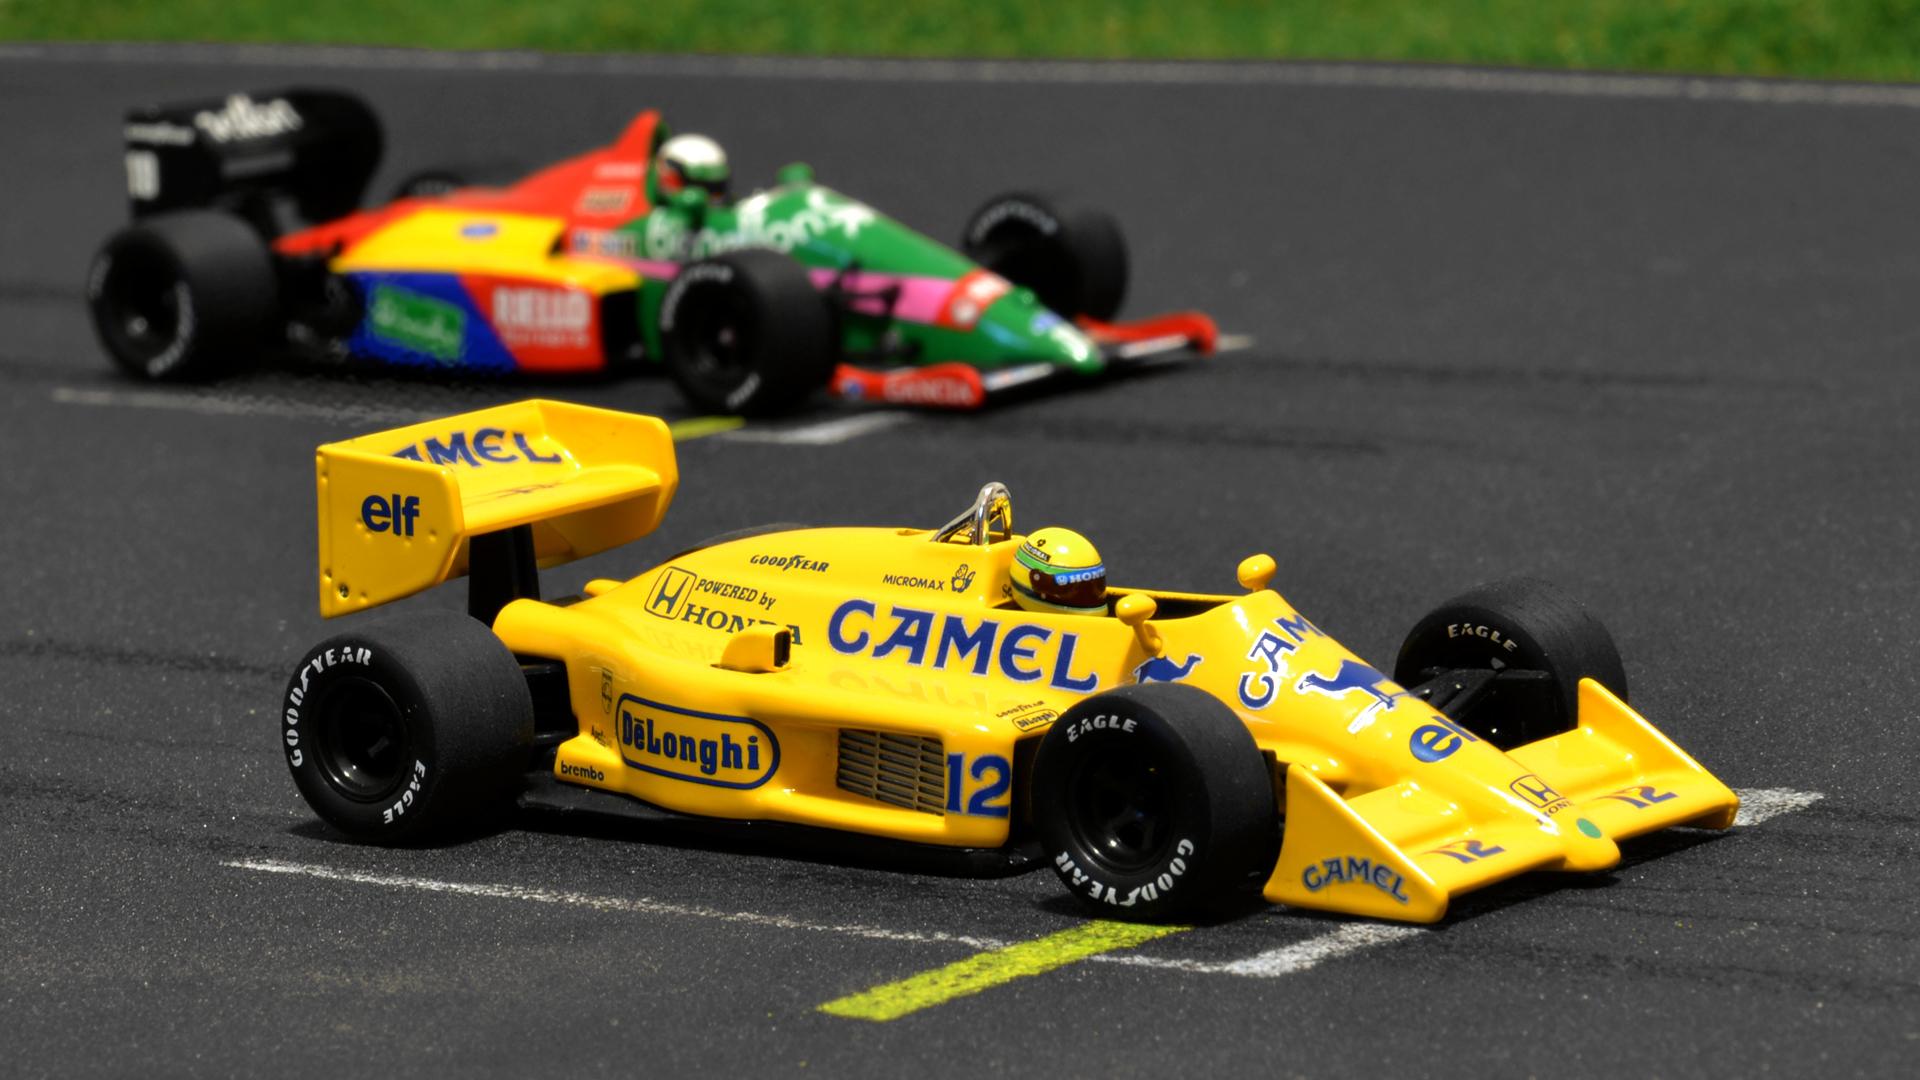 A citromsárga Lotus 99T és a Benetton B187. Mindkettő nagy kincs a gyűjteményemben.